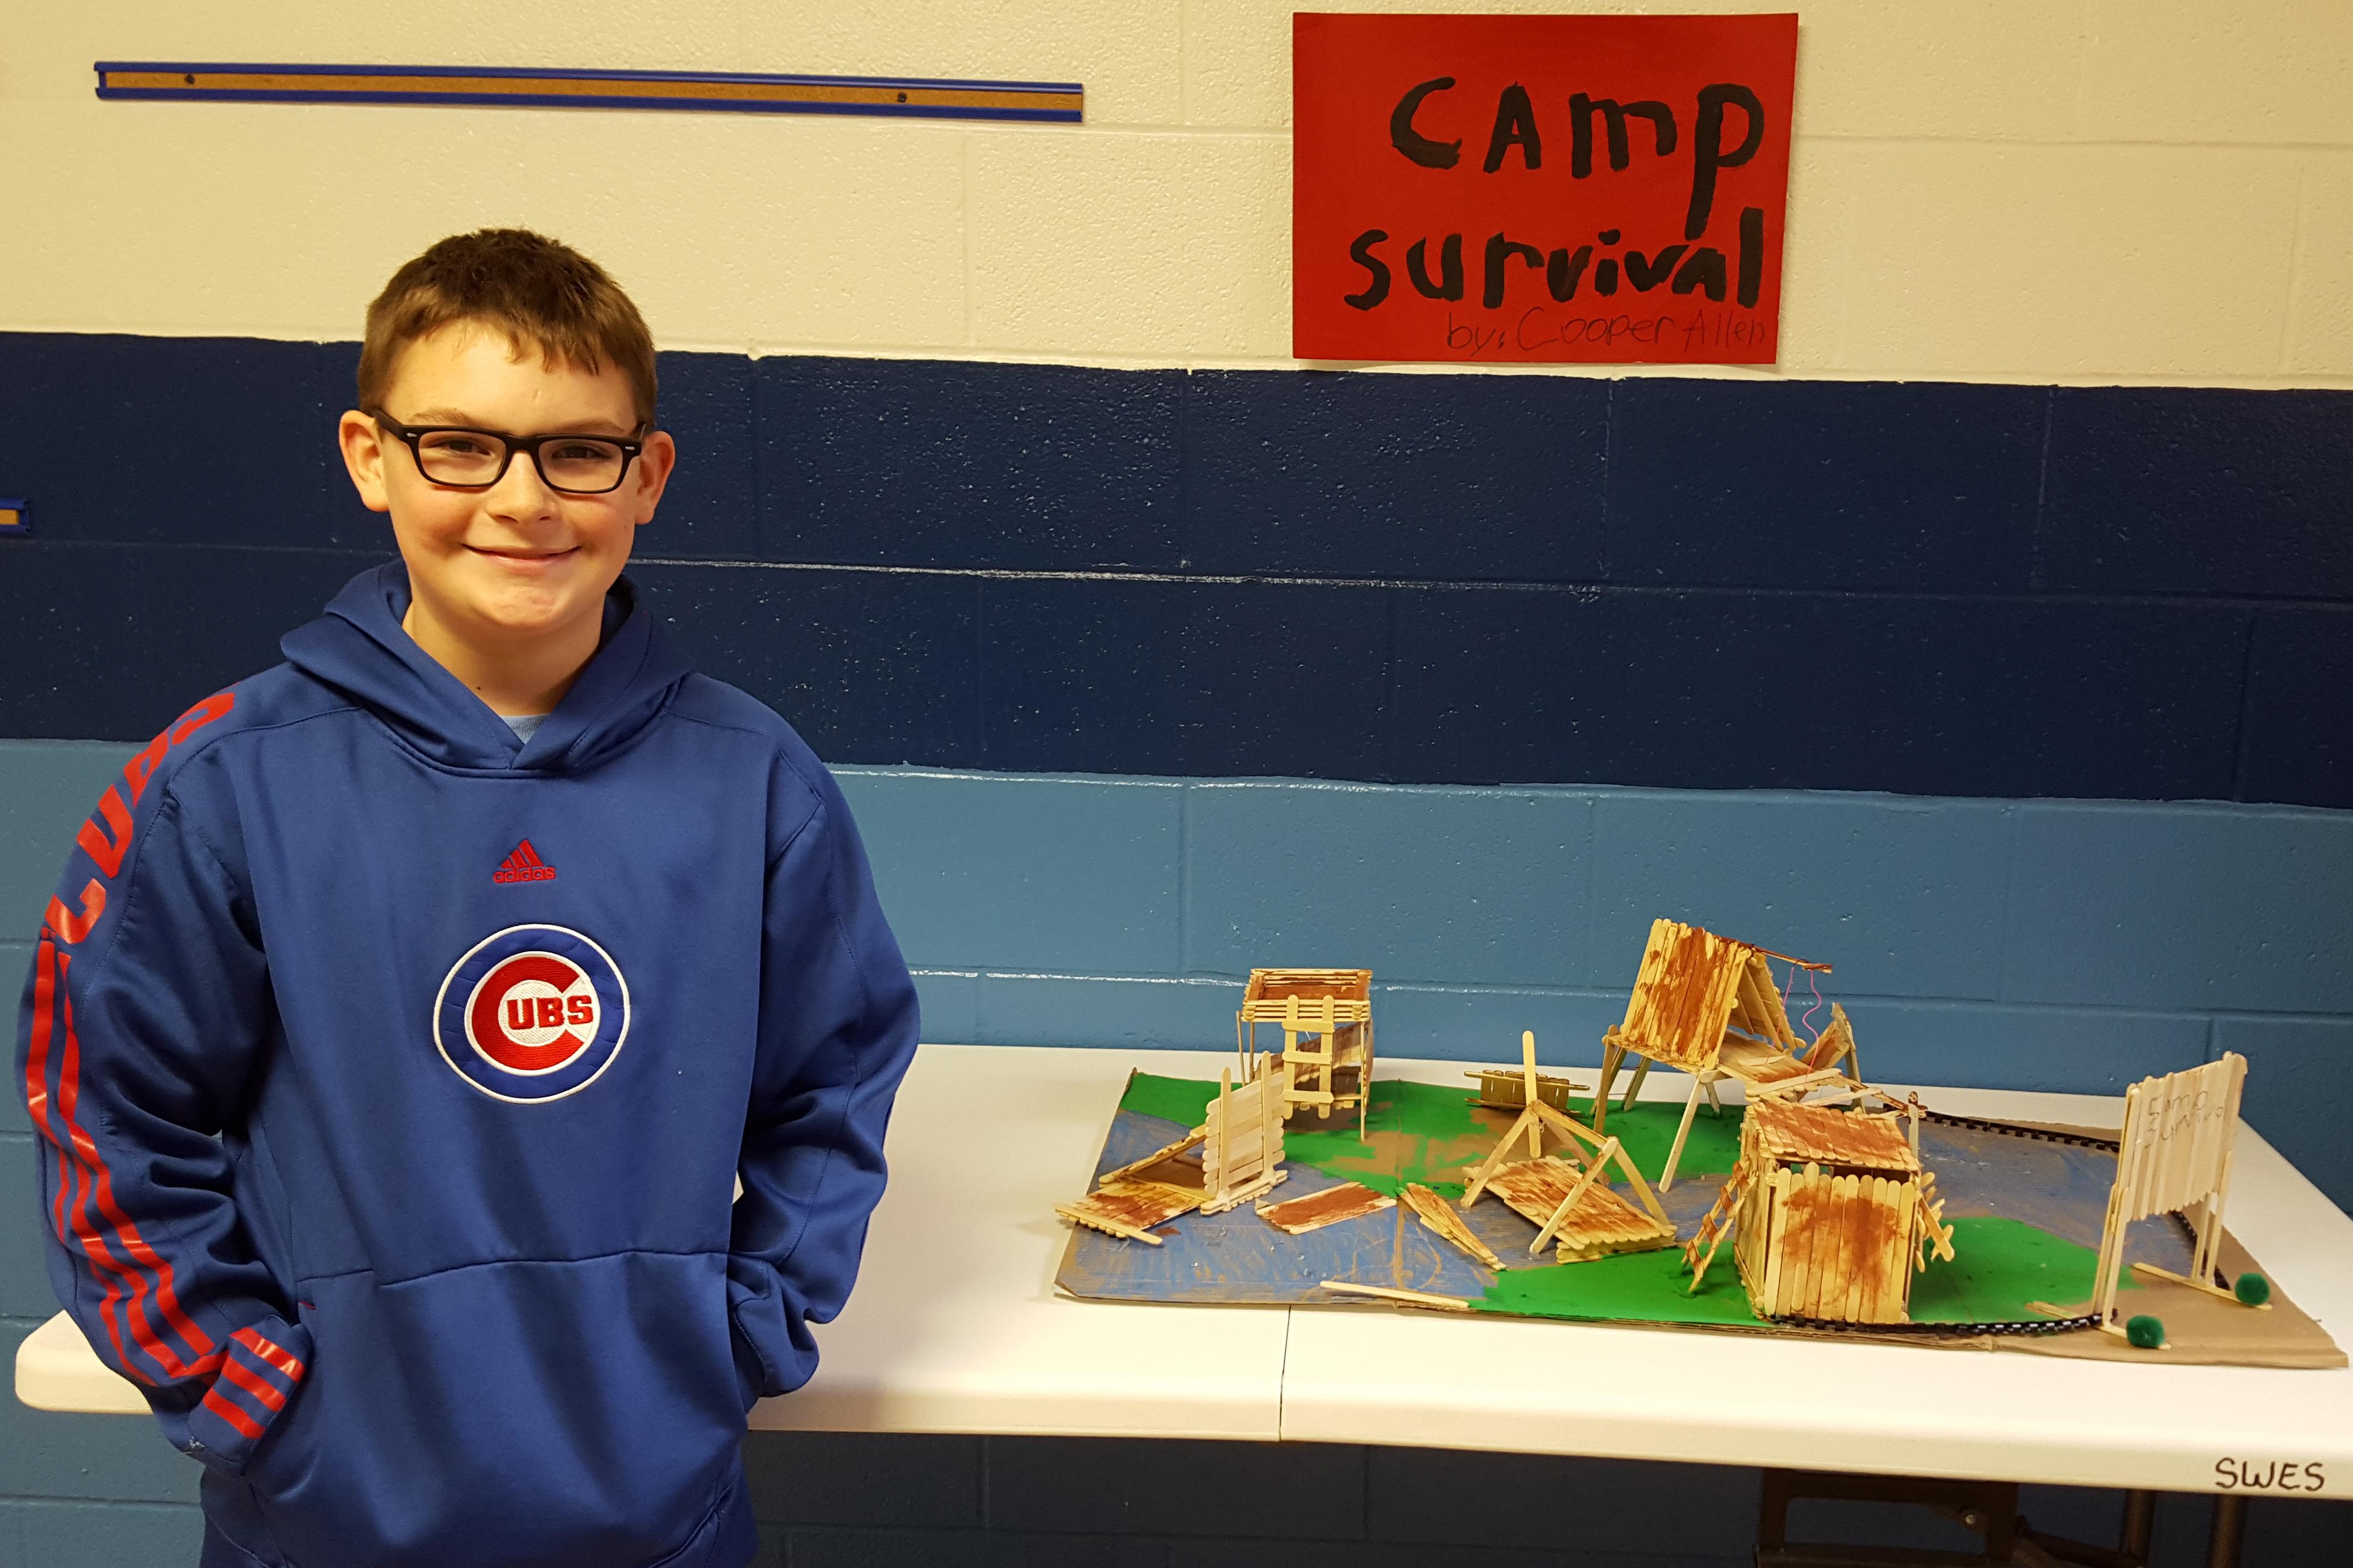 Cooper_CampSurvival